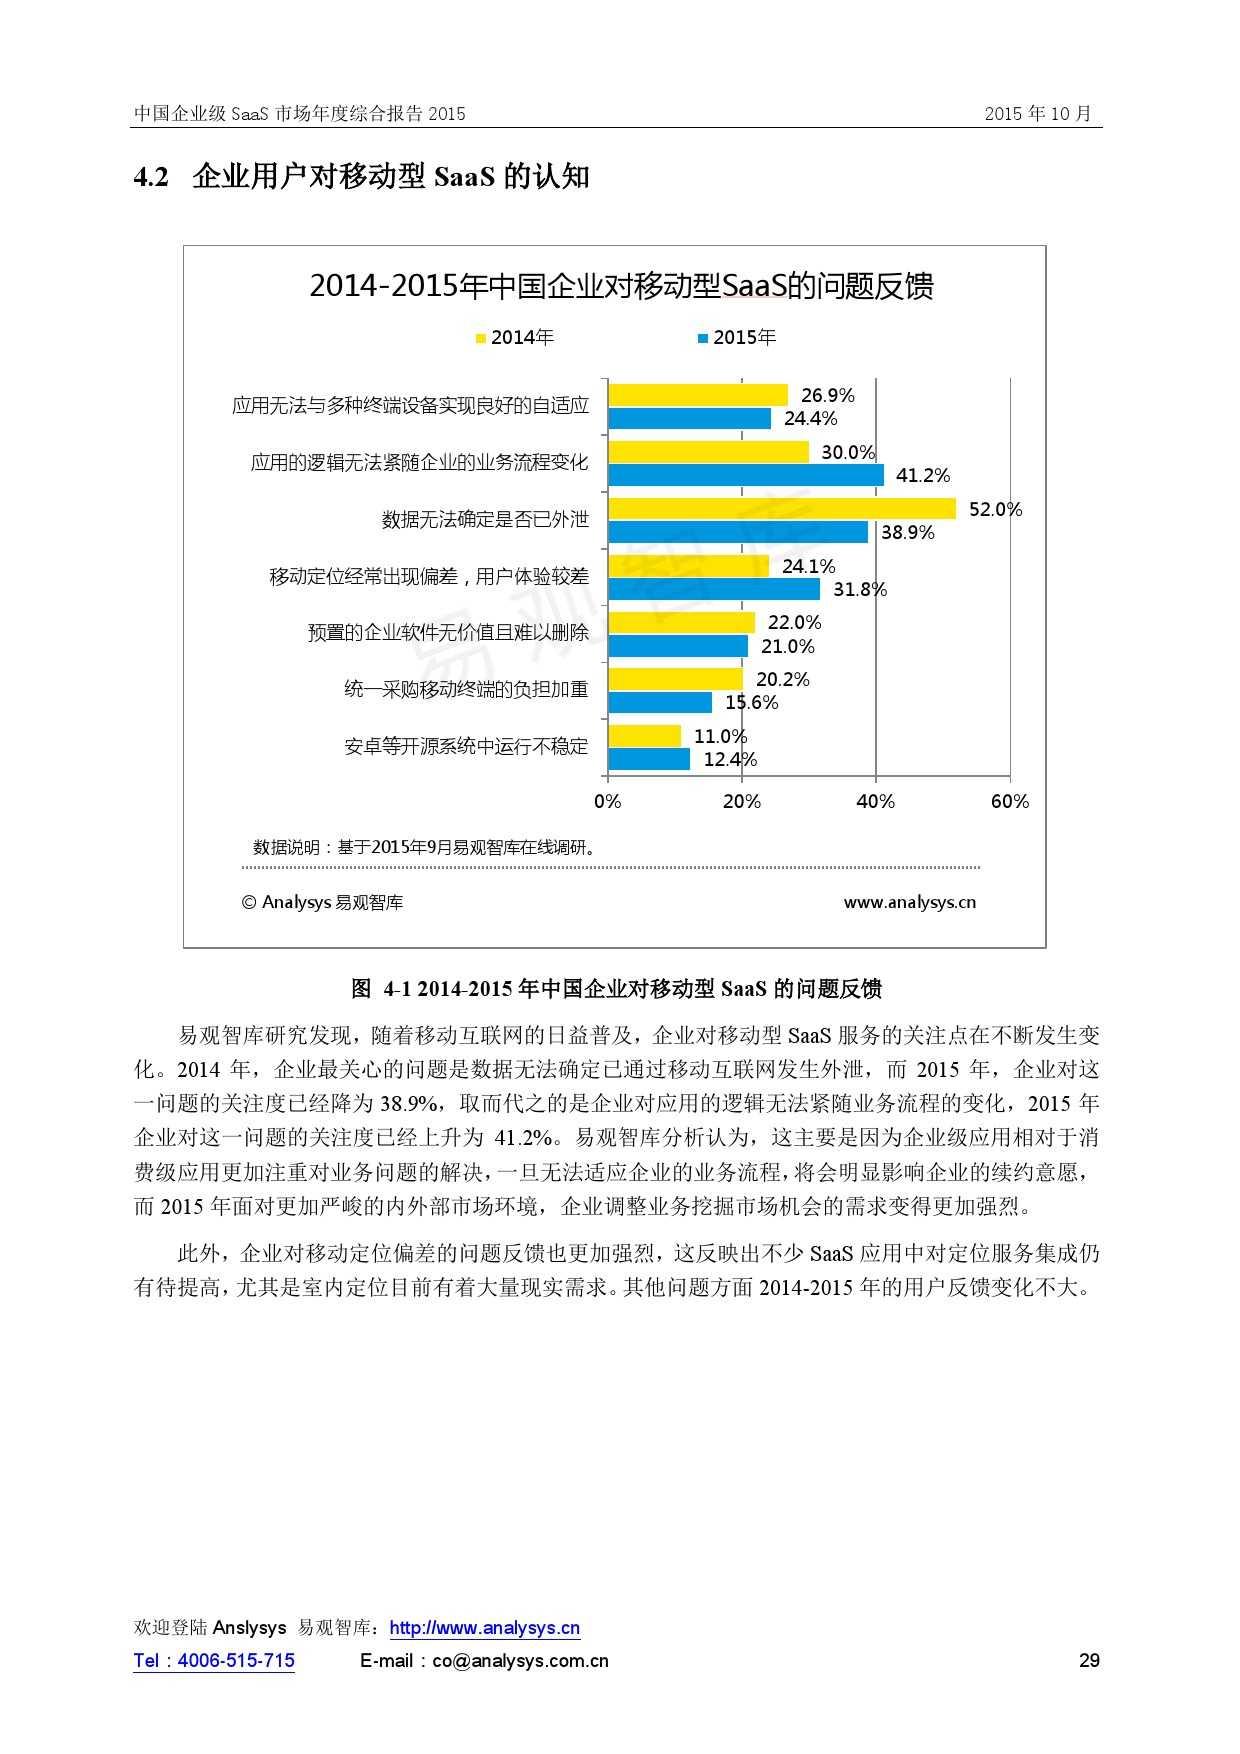 中国企业级SaaS市场年度综合报告2015 01_000029